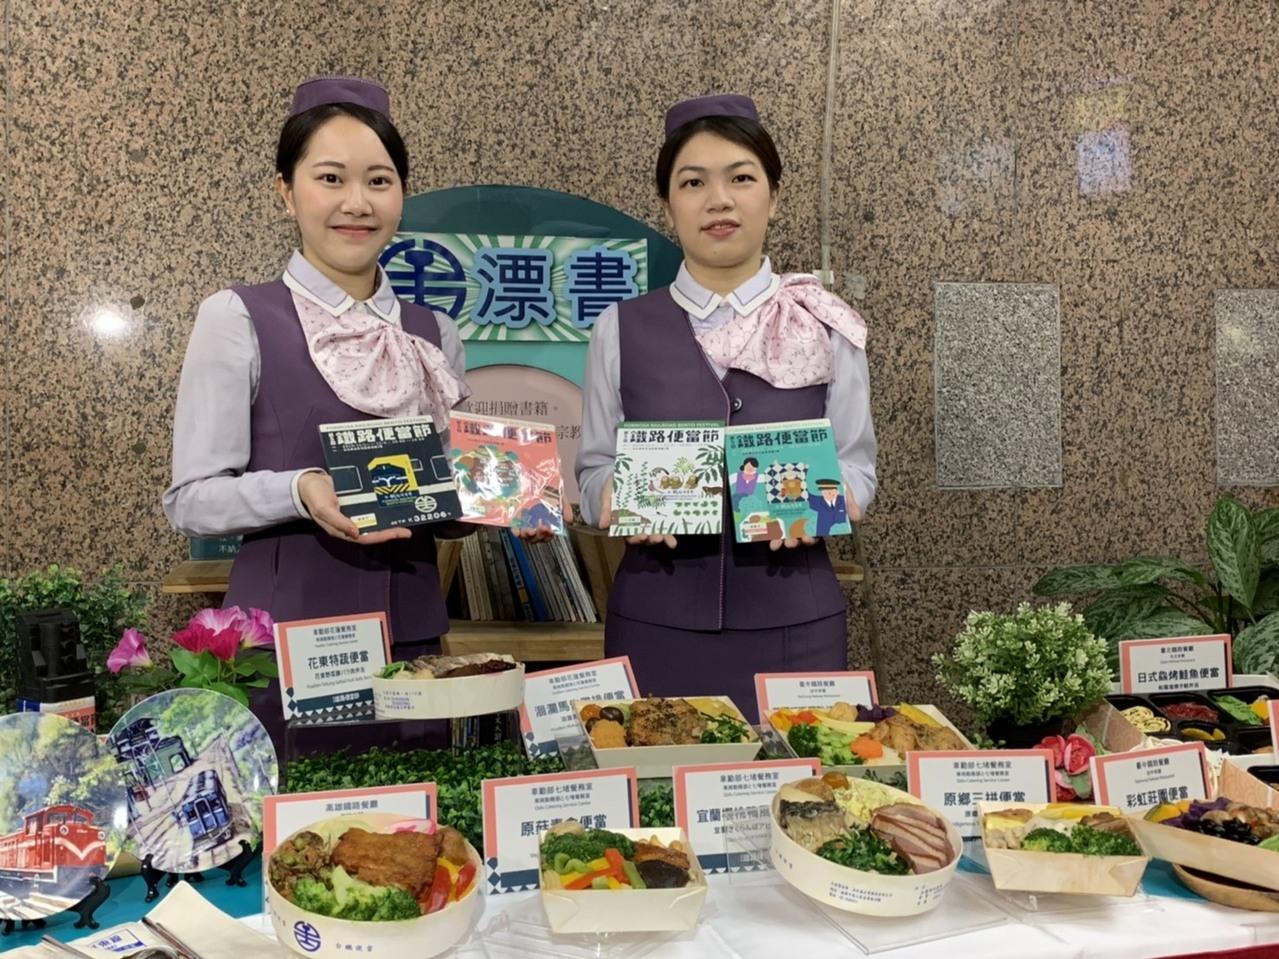 不再跟台灣觀光協會舉辦的台北美食展掛在一起,交通部台鐵局自行舉辦「鐵路便當節」,今年邁入第五周年,將於11月1日起一連四天於台北車站大廳盛大舉行。記者楊文琪/攝影